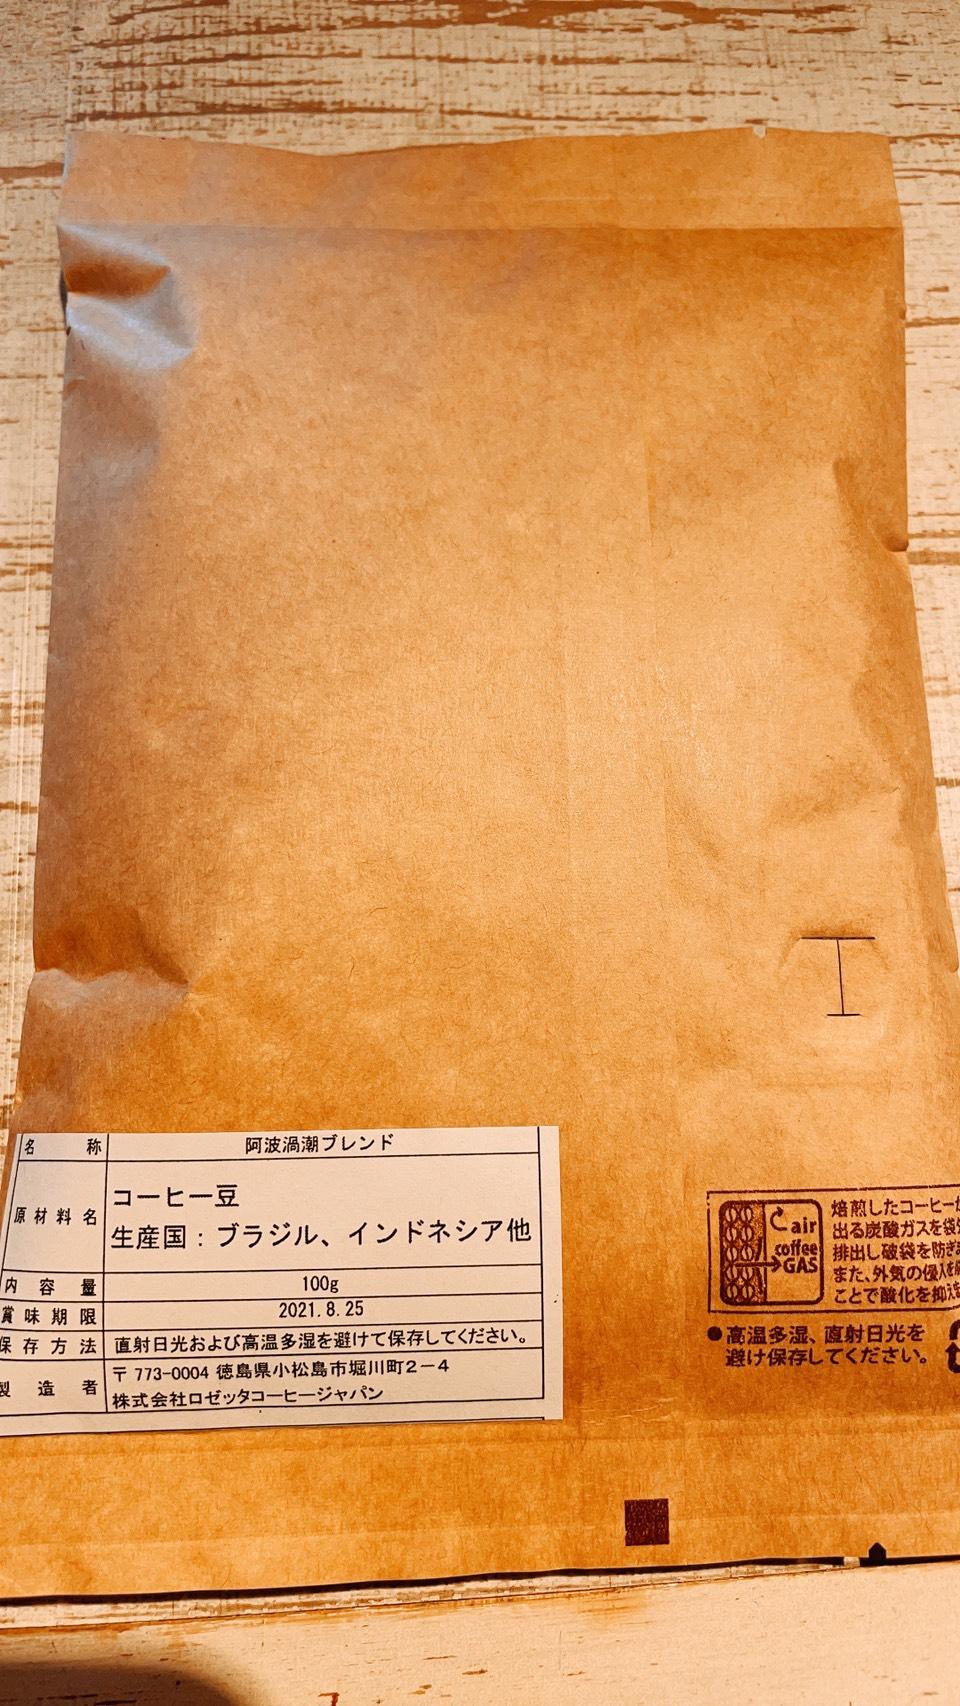 スペシャリティーコーヒー 飲み比べ体験セット 約40杯分「豆のまま」:1755円